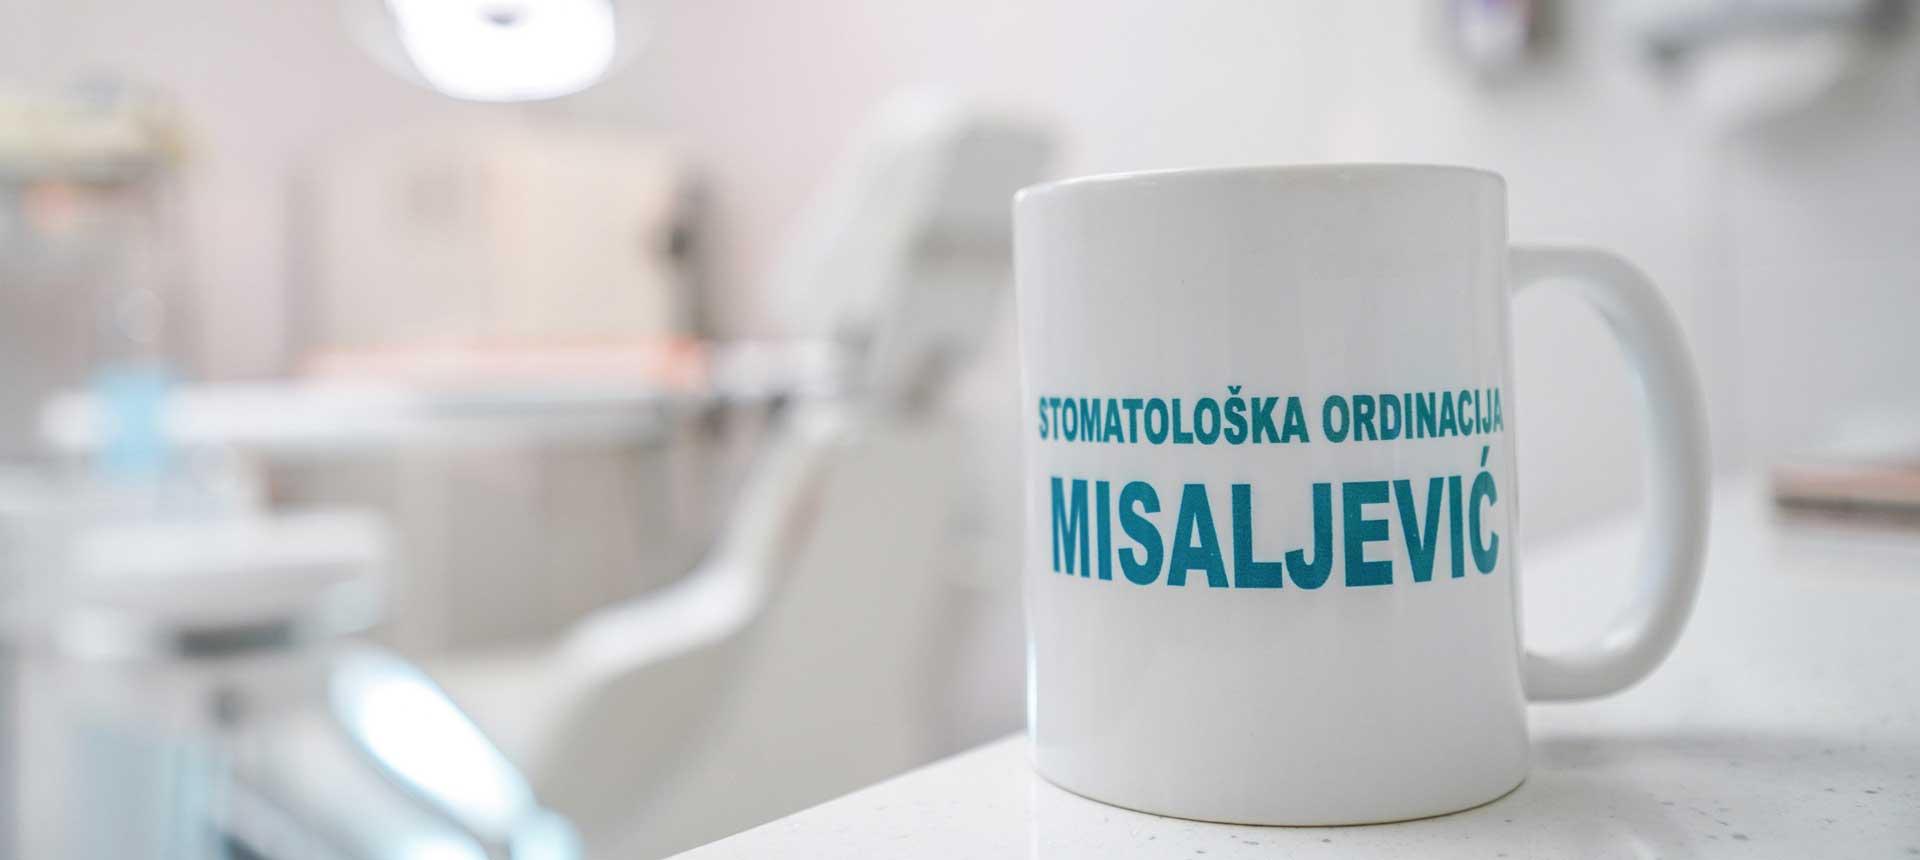 Zubarska ordinacija Misaljevic